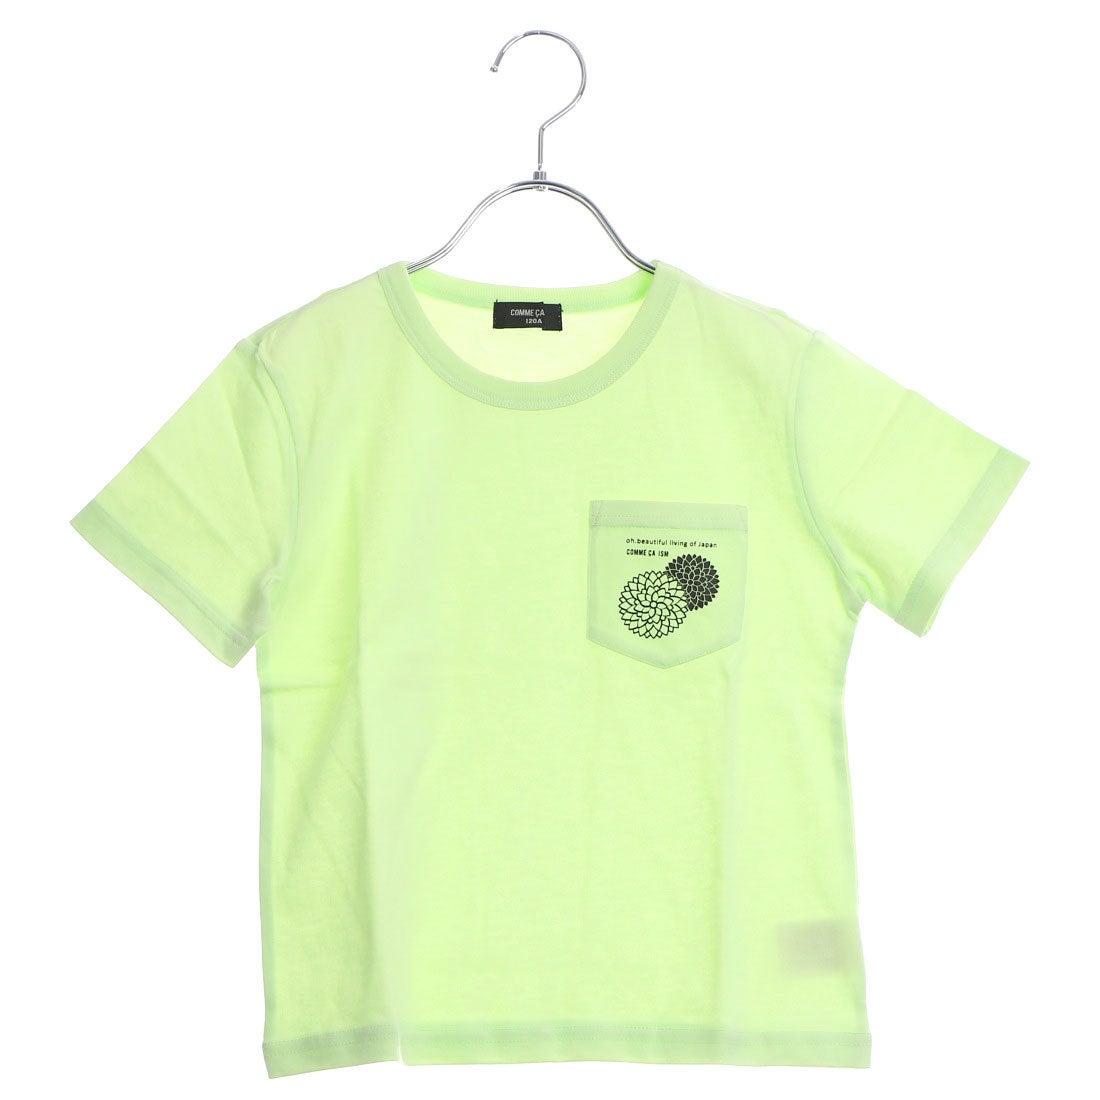 89176a0f0257f コムサイズム COMME CA ISM  コムサイズムキッズ ポケット付きプリントTシャツ (イエローグリーン) -アウトレット通販 ロコレット  (LOCOLET)